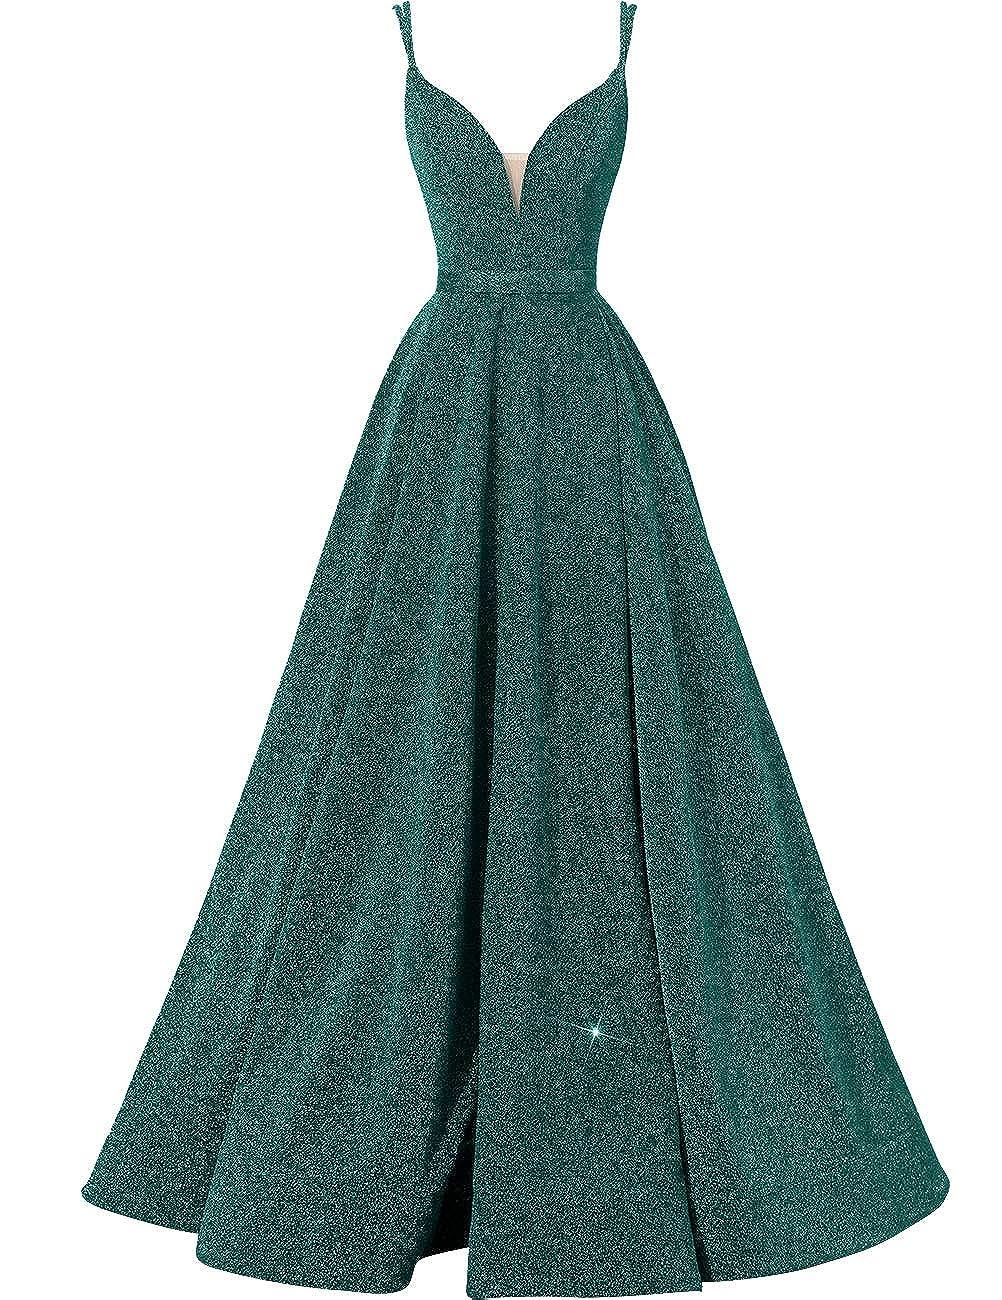 Green VKBRIDAL Women's Glittery Spaghetti VNeck Prom Dresses Long Side Split Formal Evening Gowns